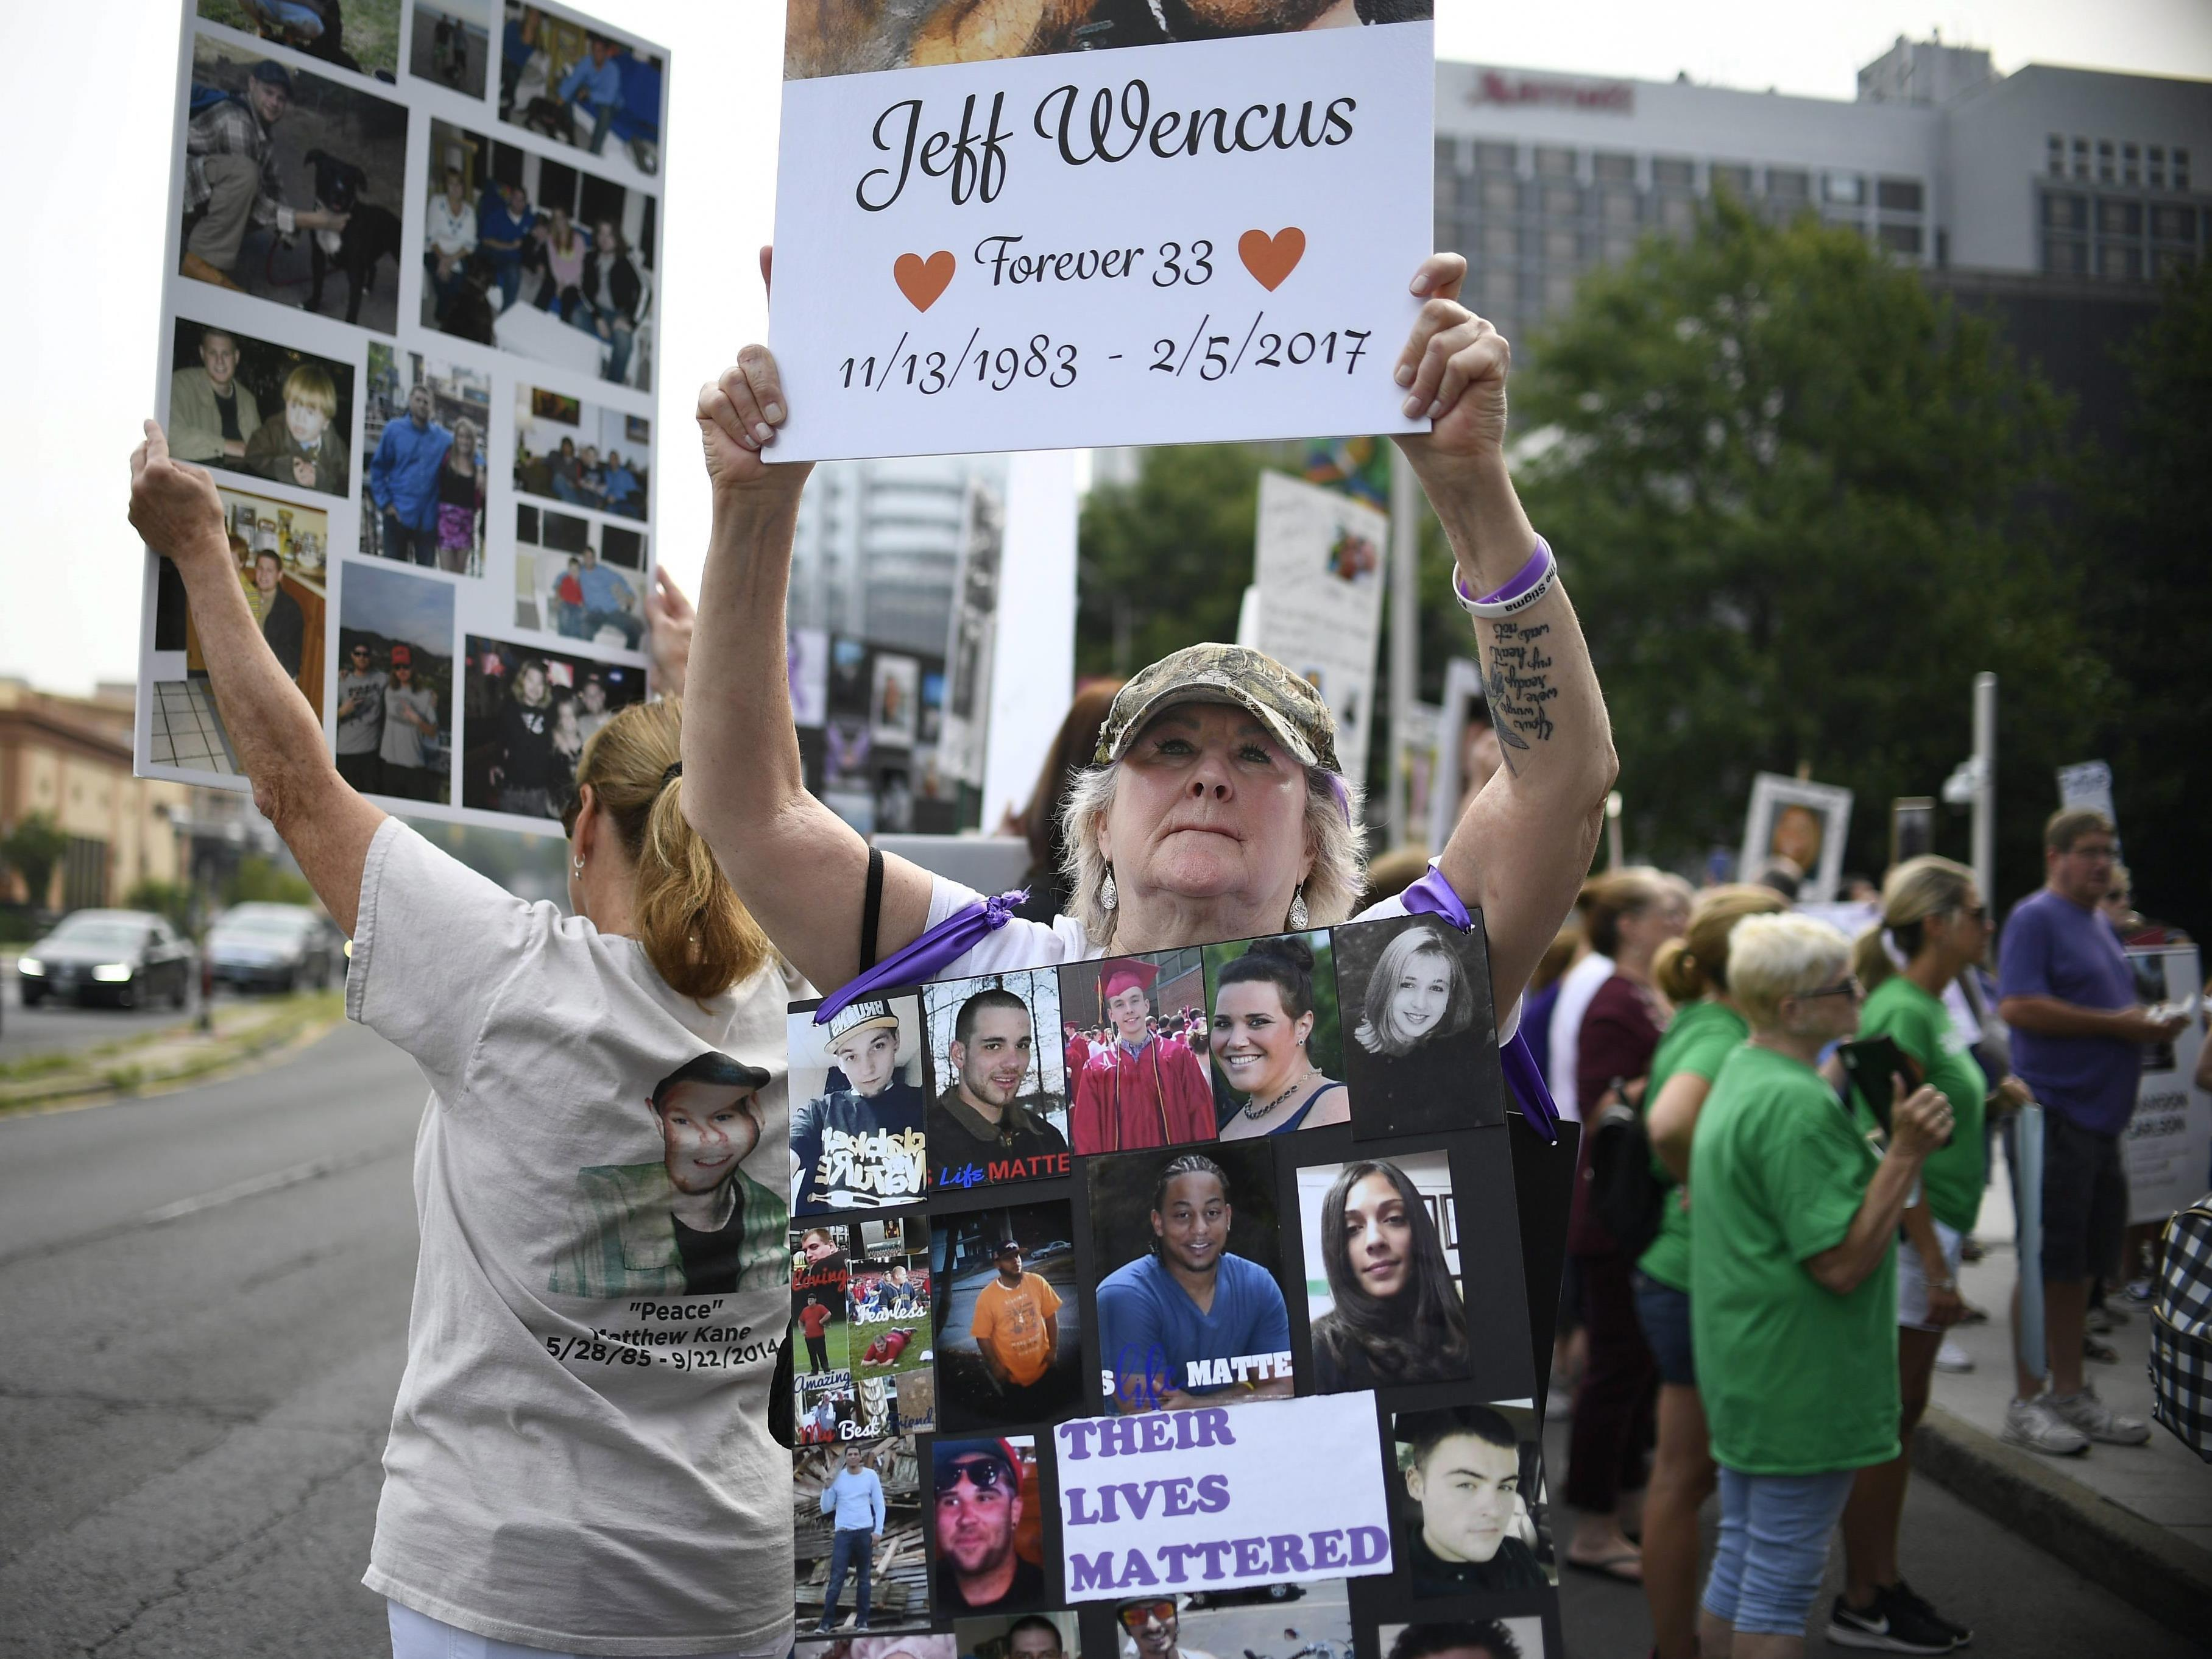 Une femme tient une affiche à la mémoire de son fils décédé.